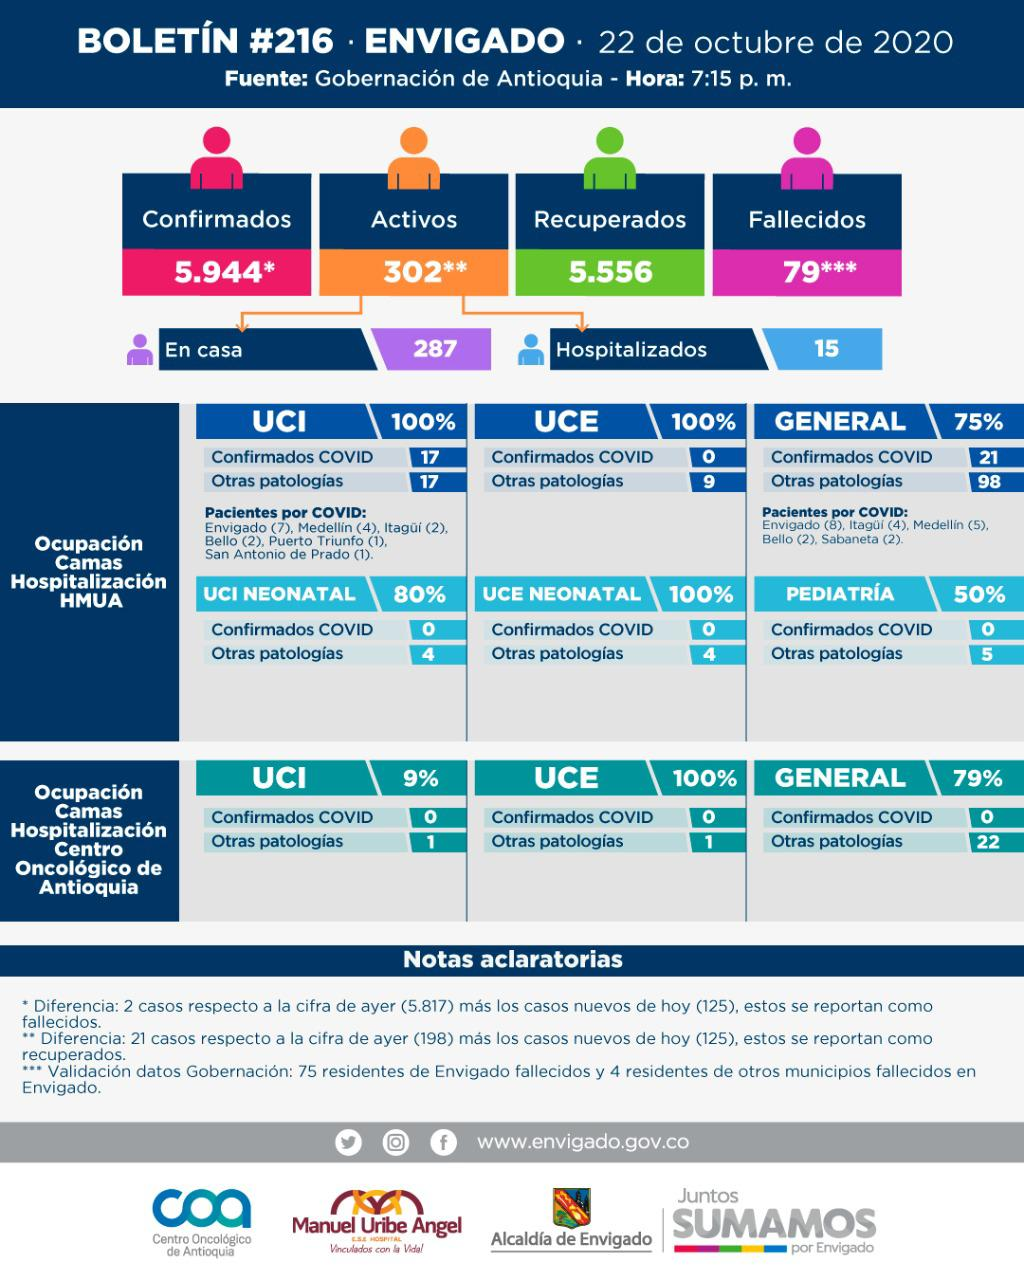 Boletín informativo de nuevos casos de covid19 en envigado 23 de octbre de 2020